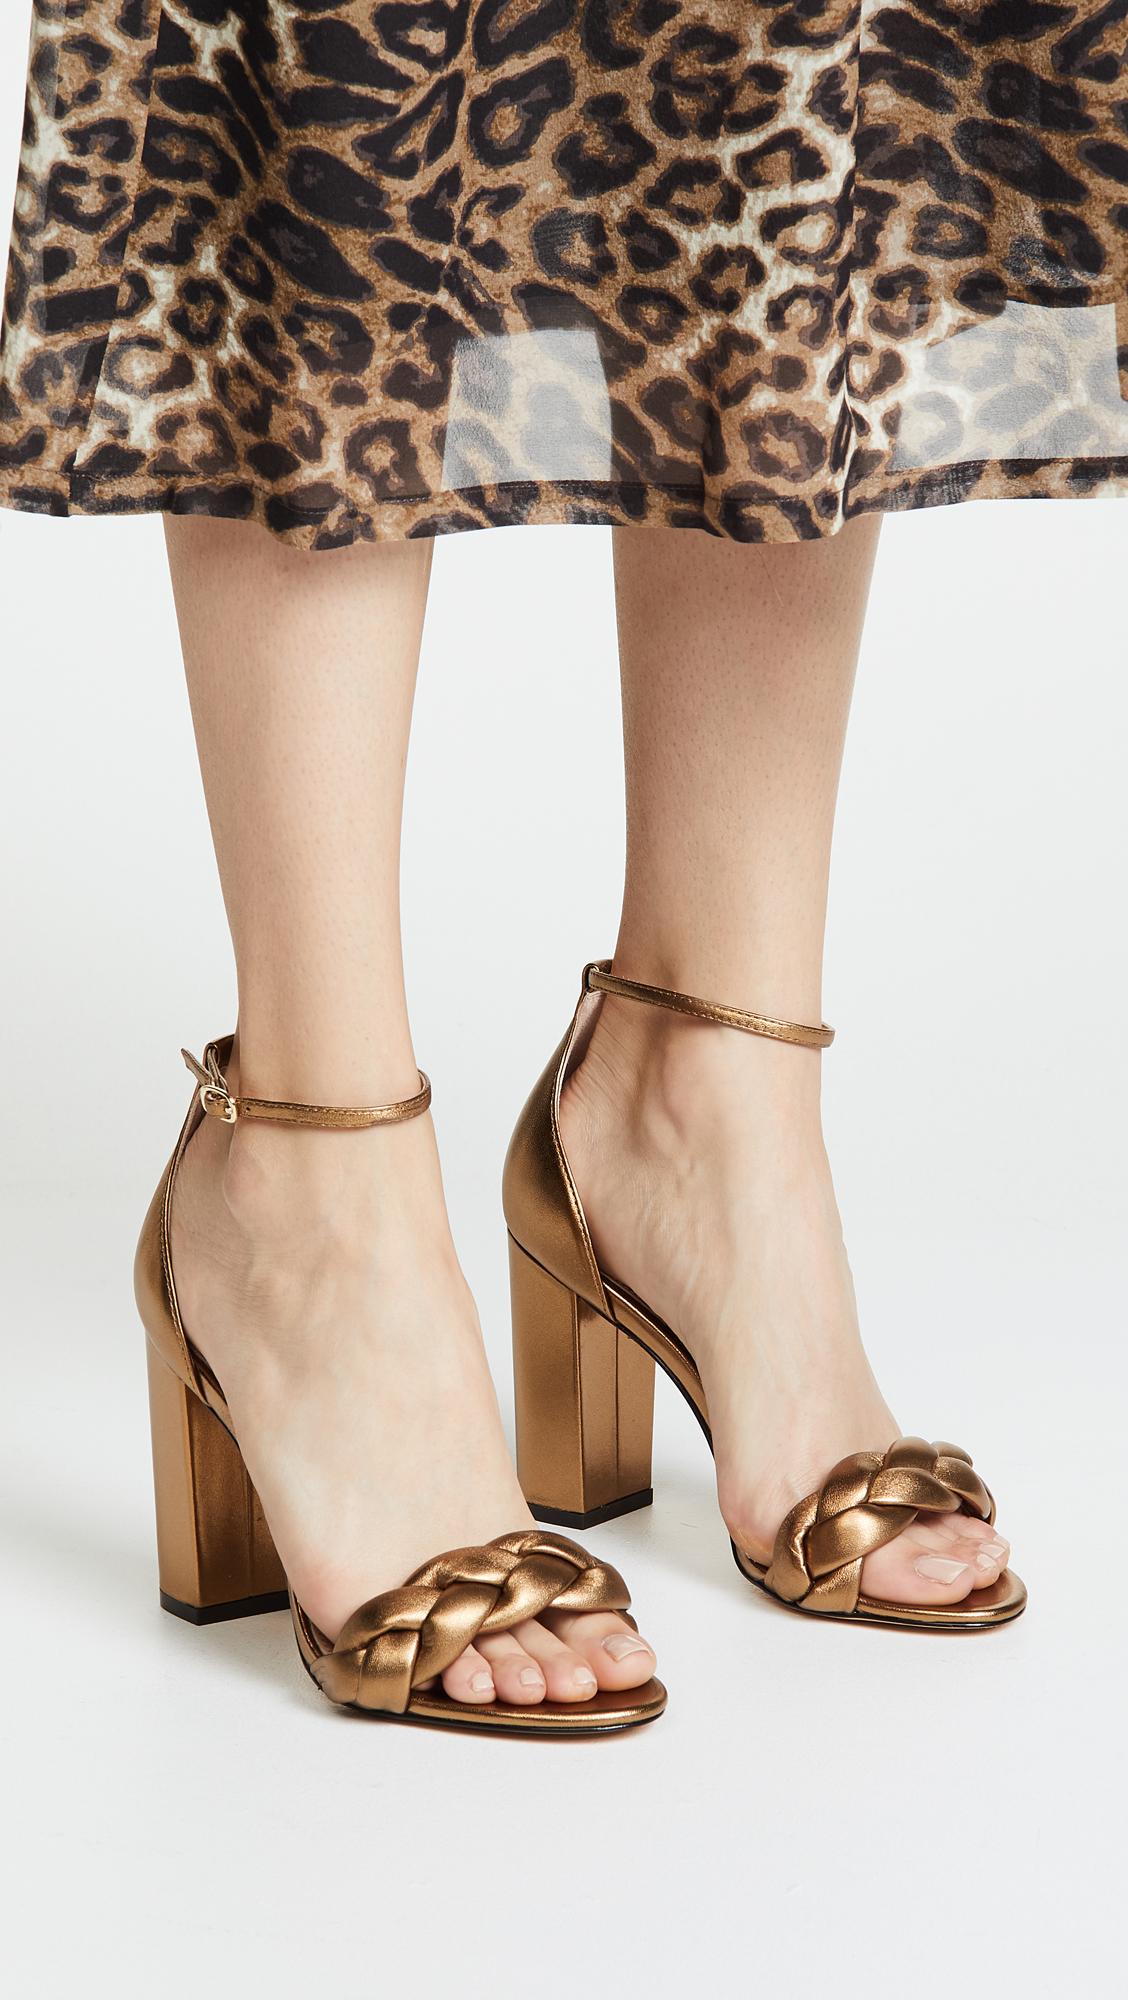 dc6a2a3bd88 Rachel Zoe Ashton Block Heel City Sandals